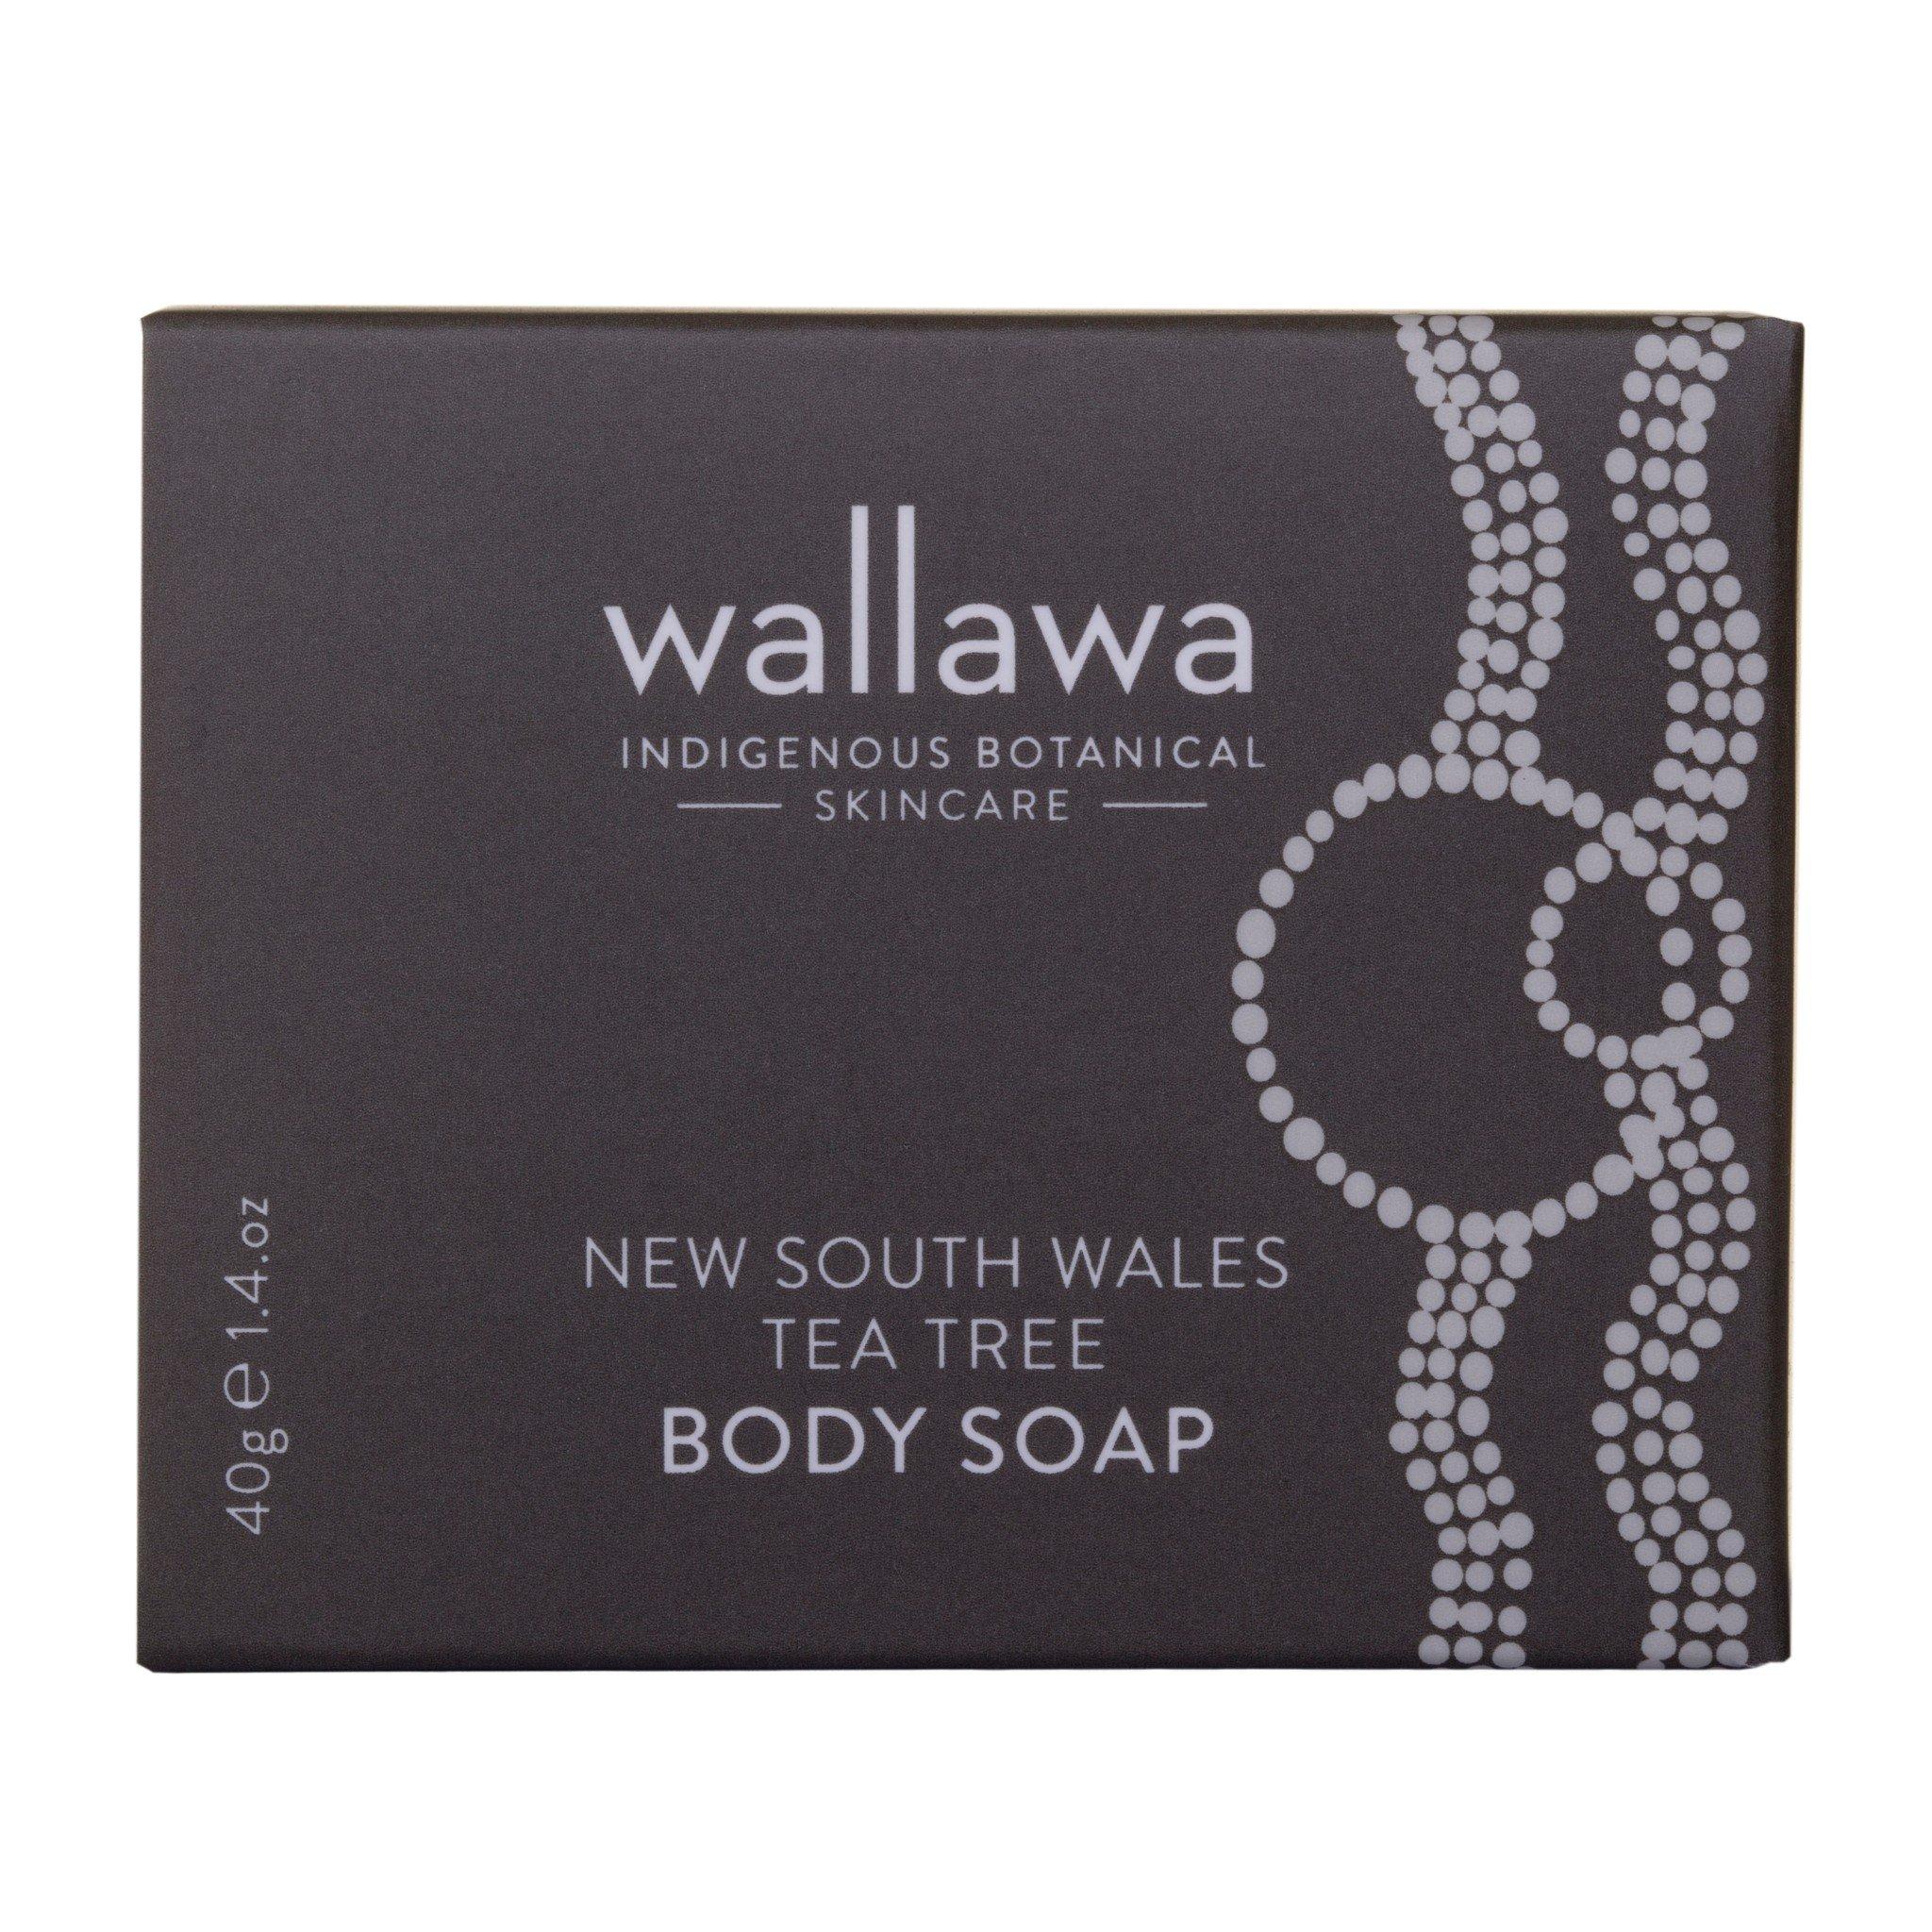 Wallawa 40g Body Soap (50 units)